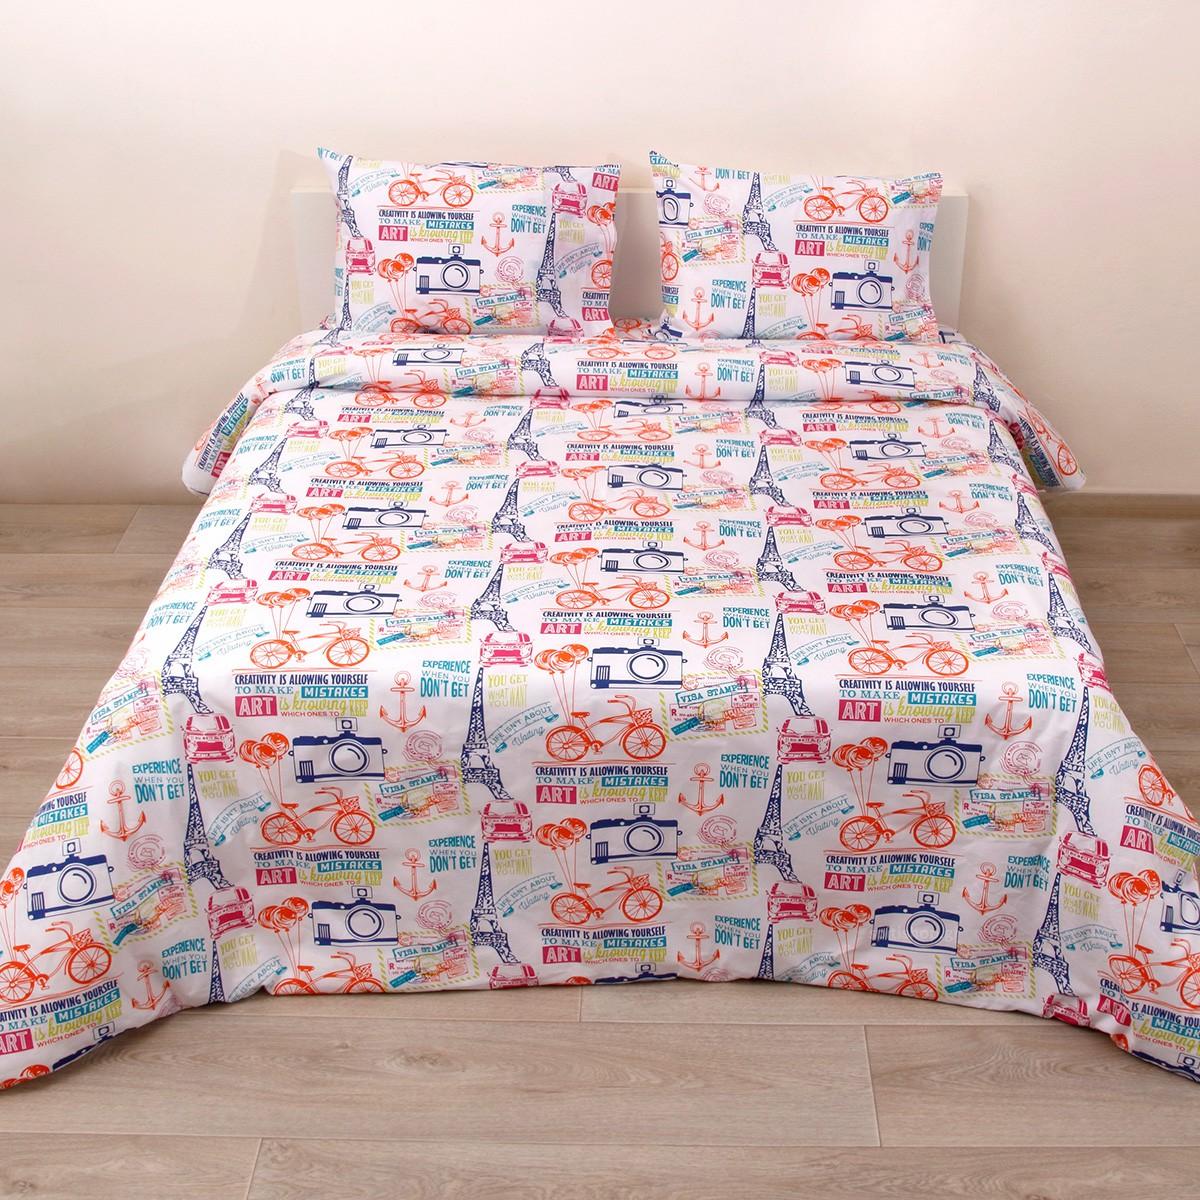 Κουβερλί Ημίδιπλο (Σετ) Viopros Fresh Πάρκερ home   κρεβατοκάμαρα   κουβερλί   κουβερλί ημίδιπλα   διπλά